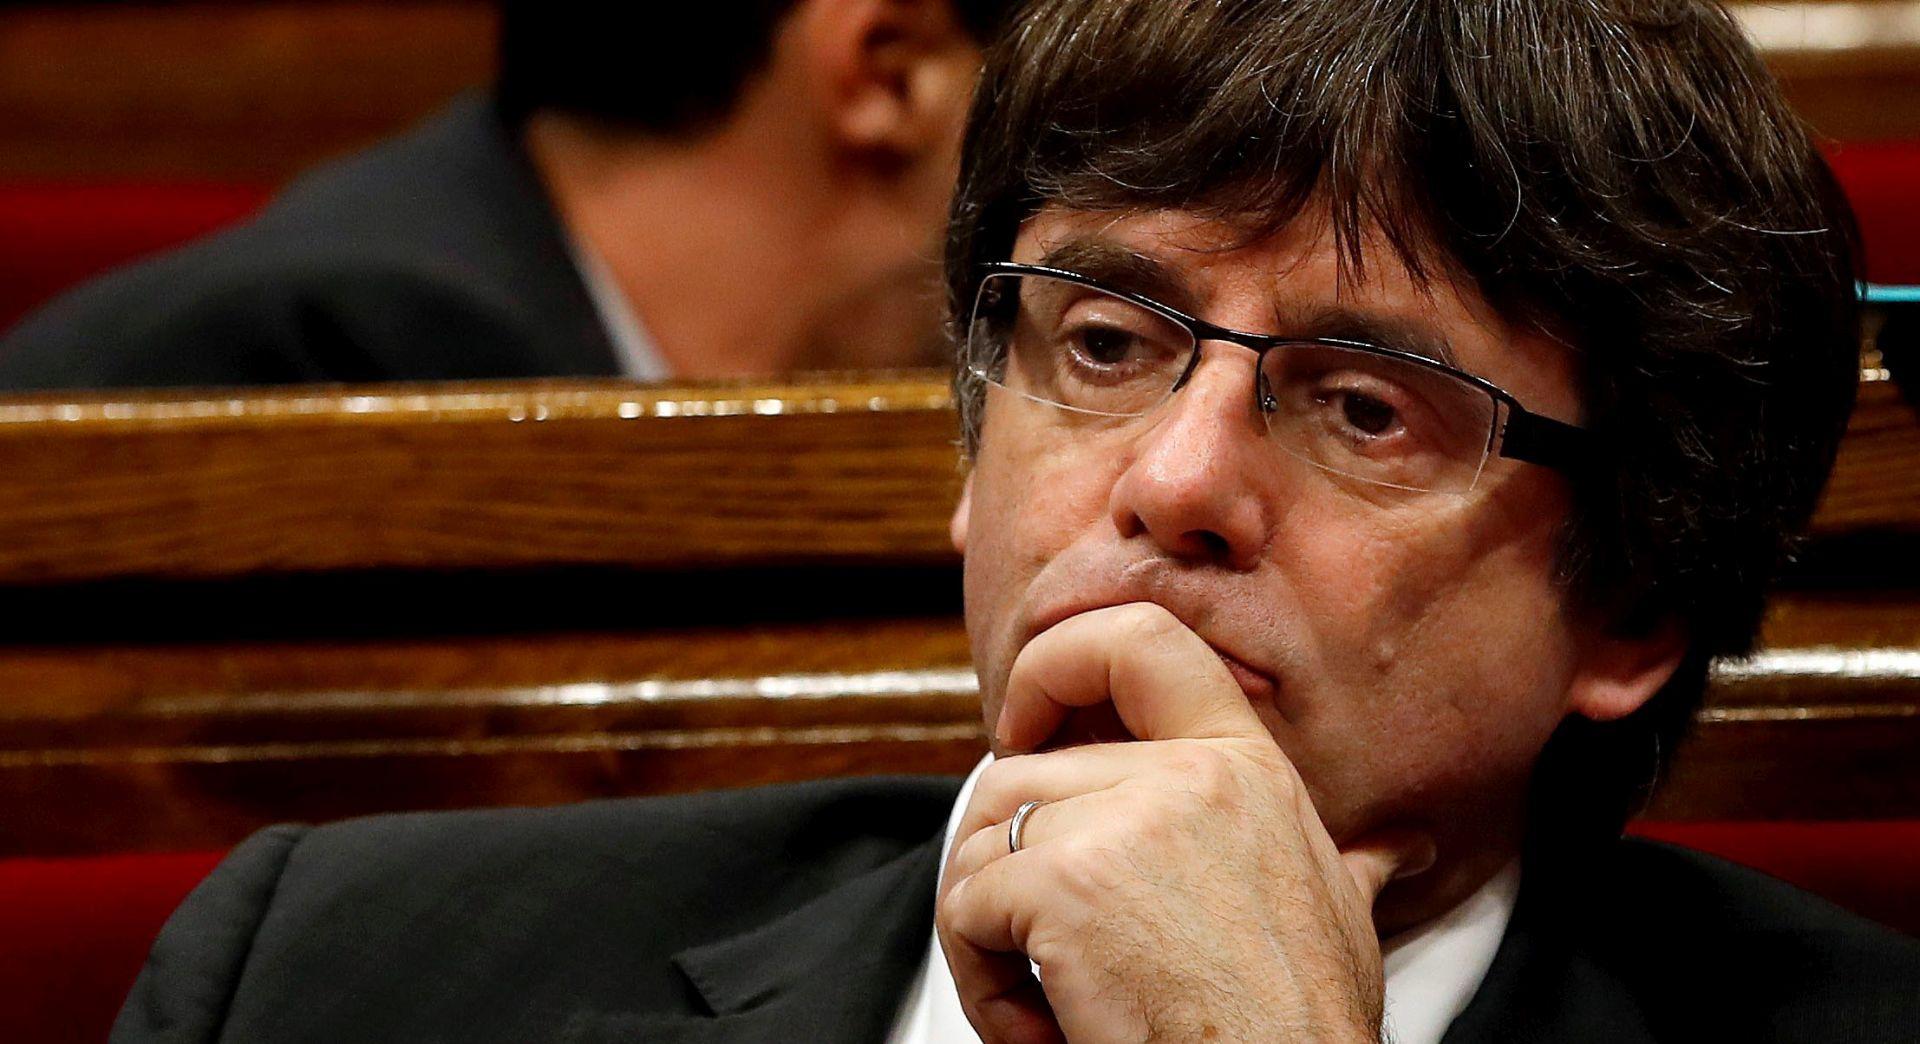 Zatraženo izdavanje europskog uhidbenog naloga za katalonskog predsjednika